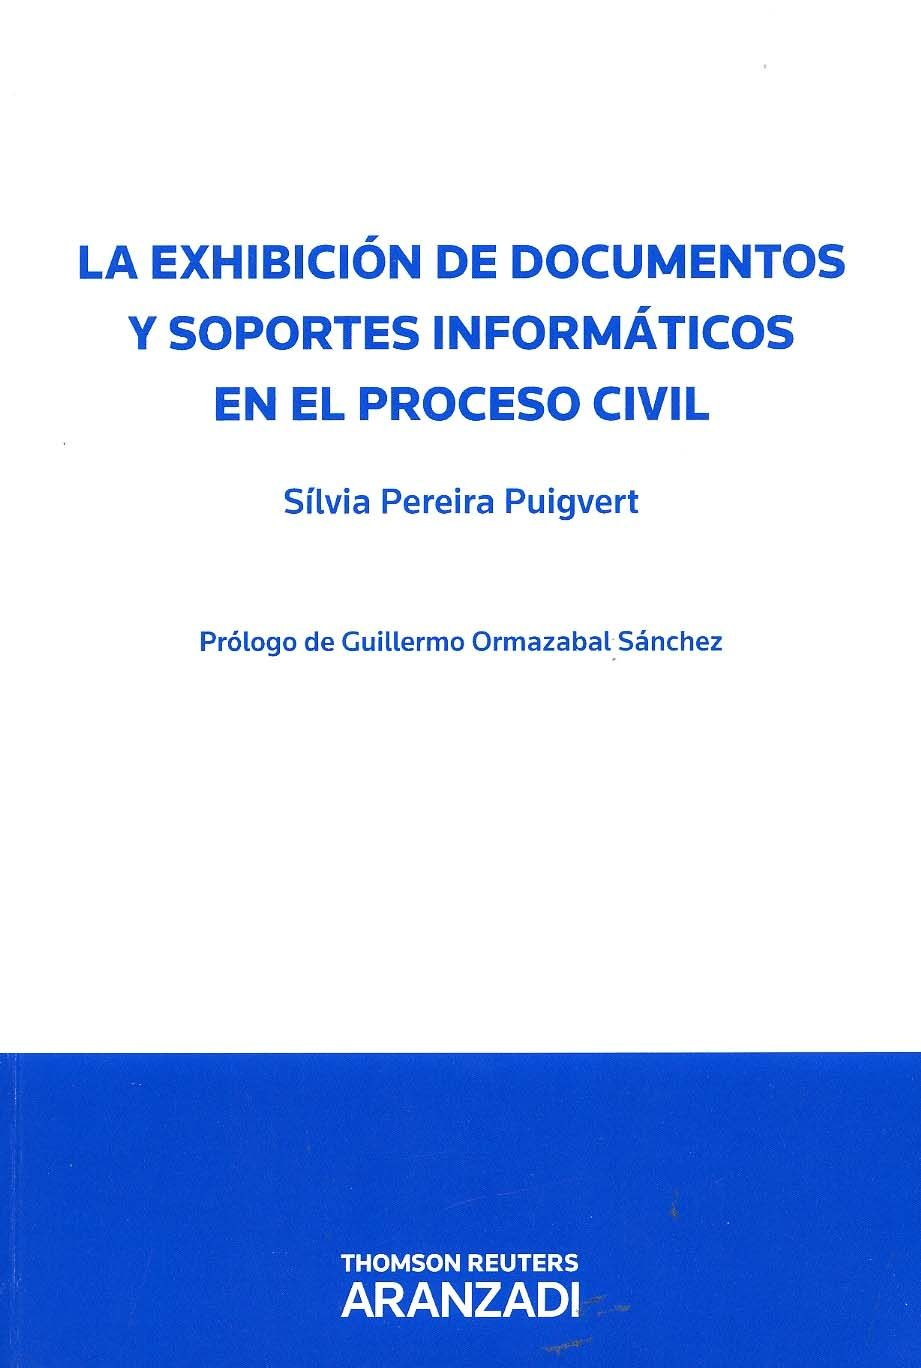 La exhibicion de documentos y soportes informaticos en el proceso civil / Sílvia Pereira Puigvert ; prólogo, Guillermo Ormazabal Sánchez. - Pamplona : Aranzadi, 2013